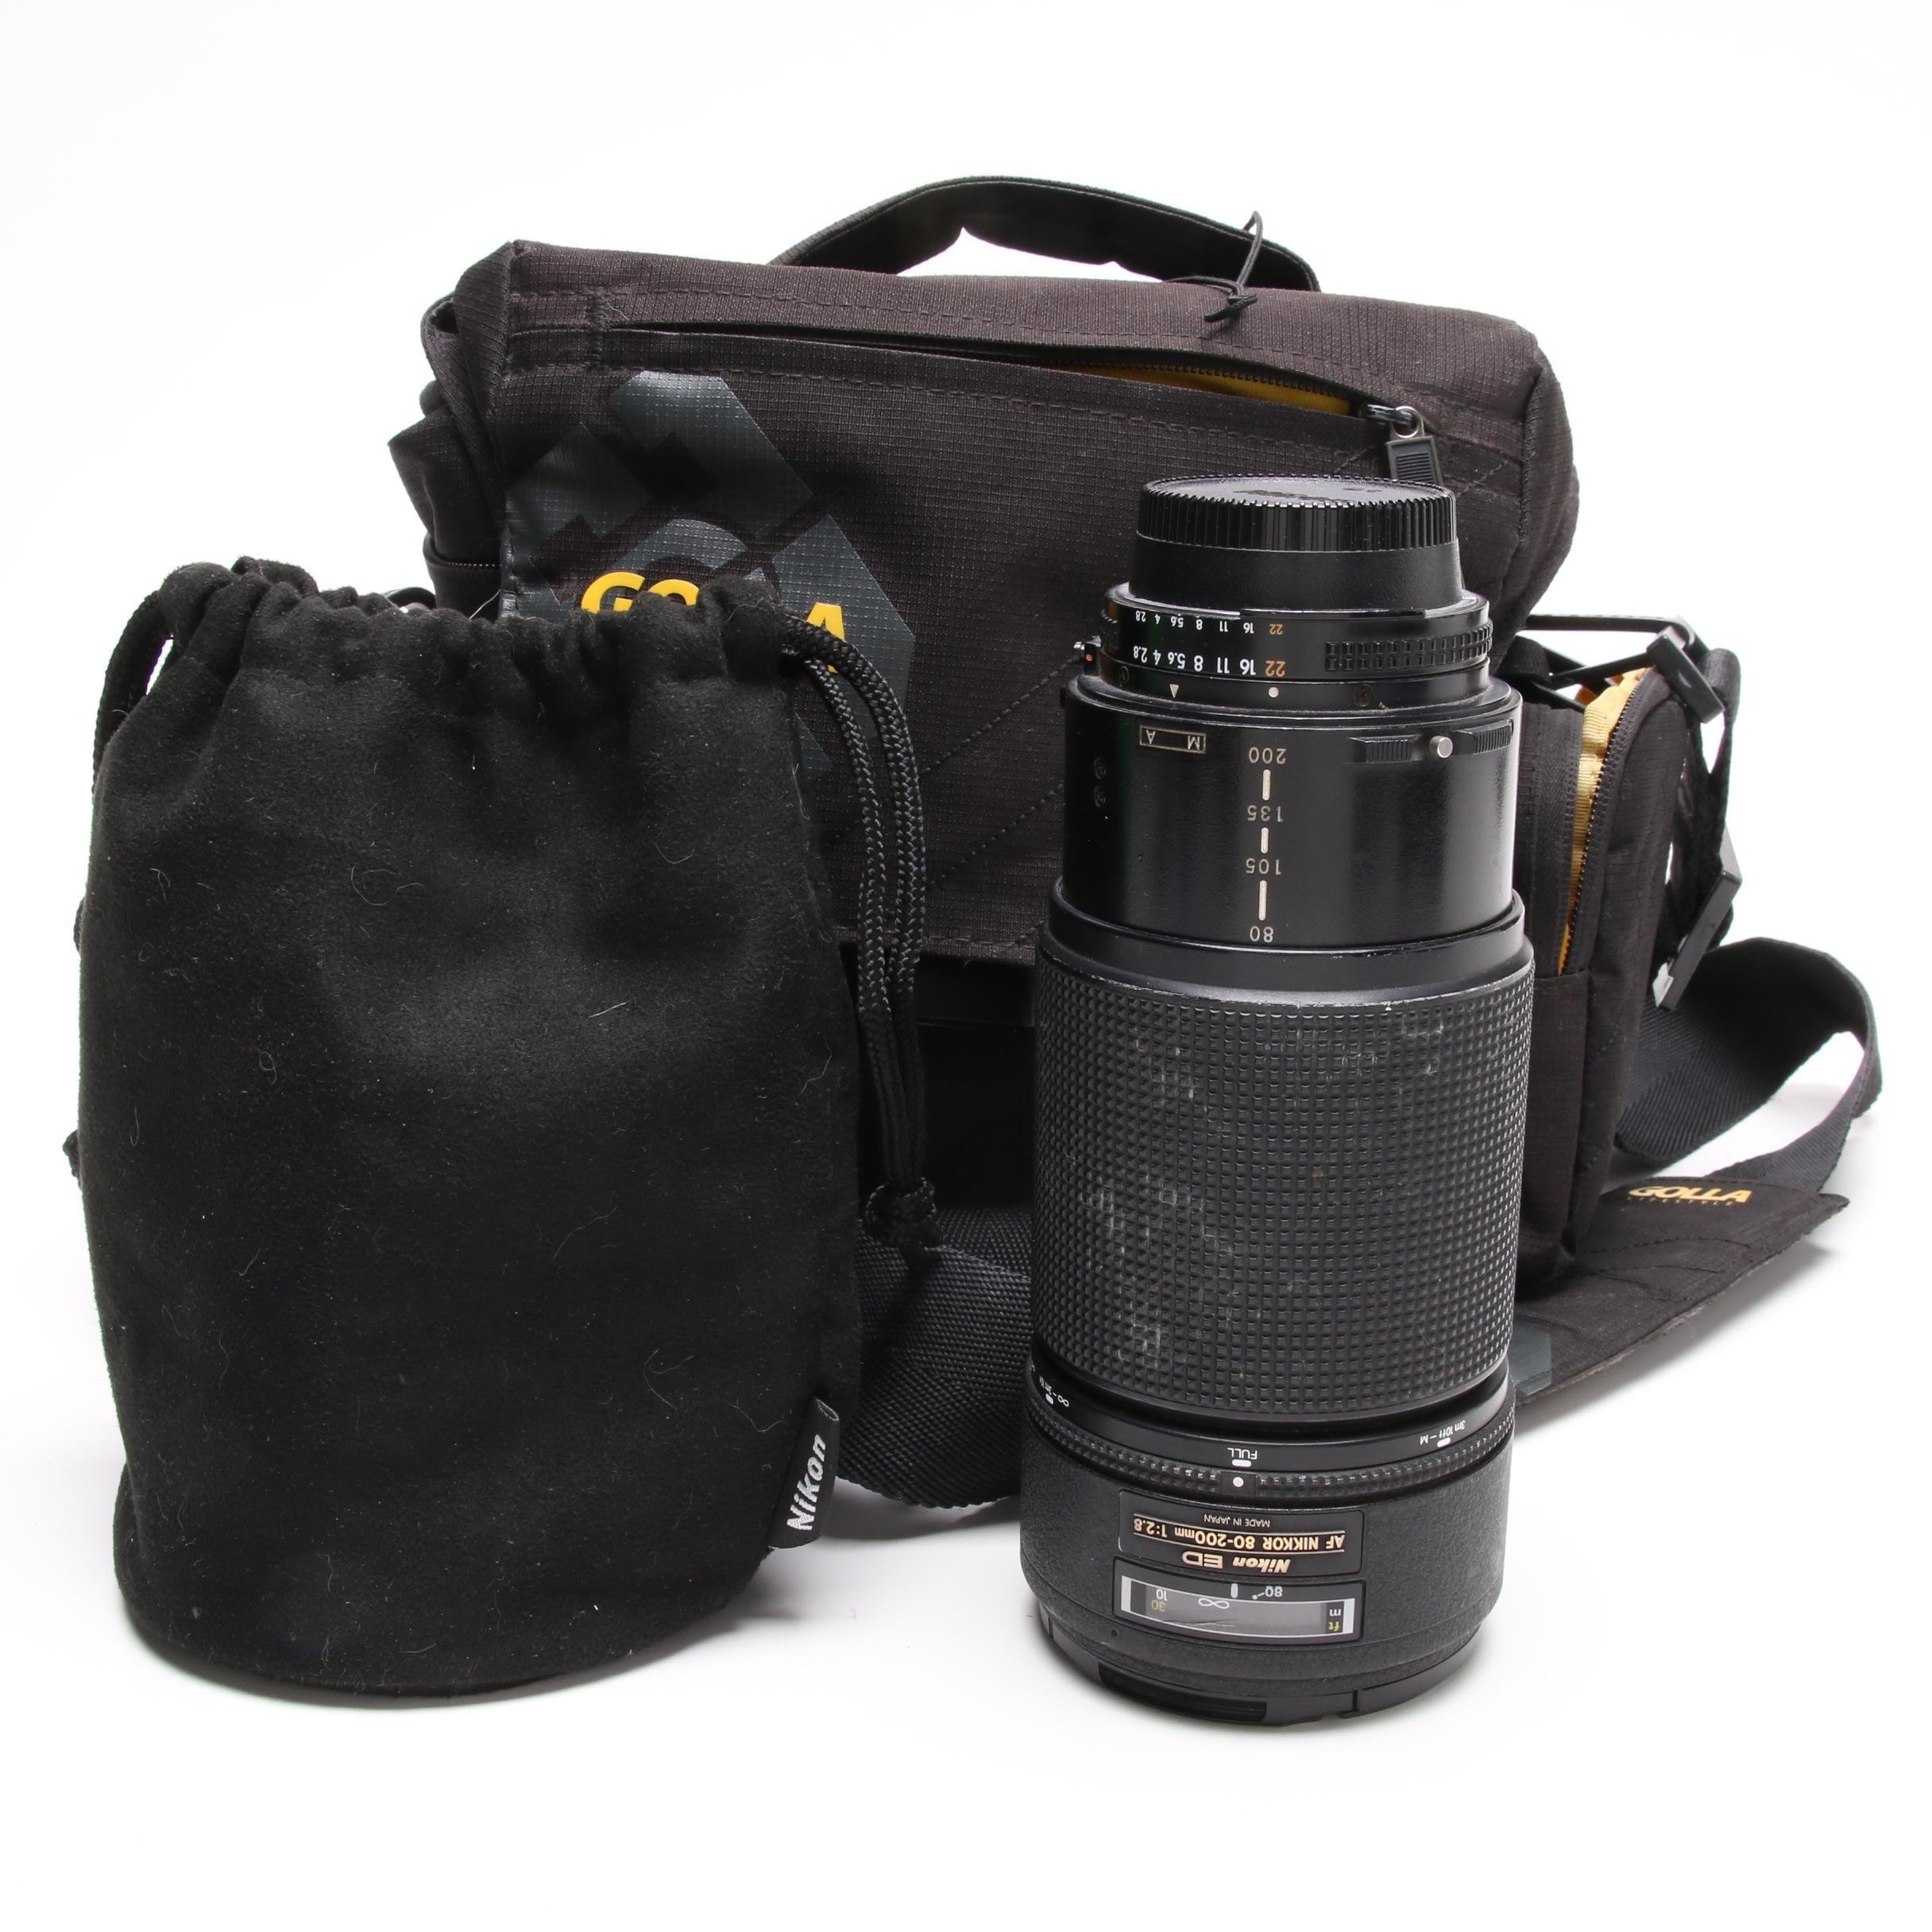 Nikon ED AF Nikkor 80-200mm Macro Lens